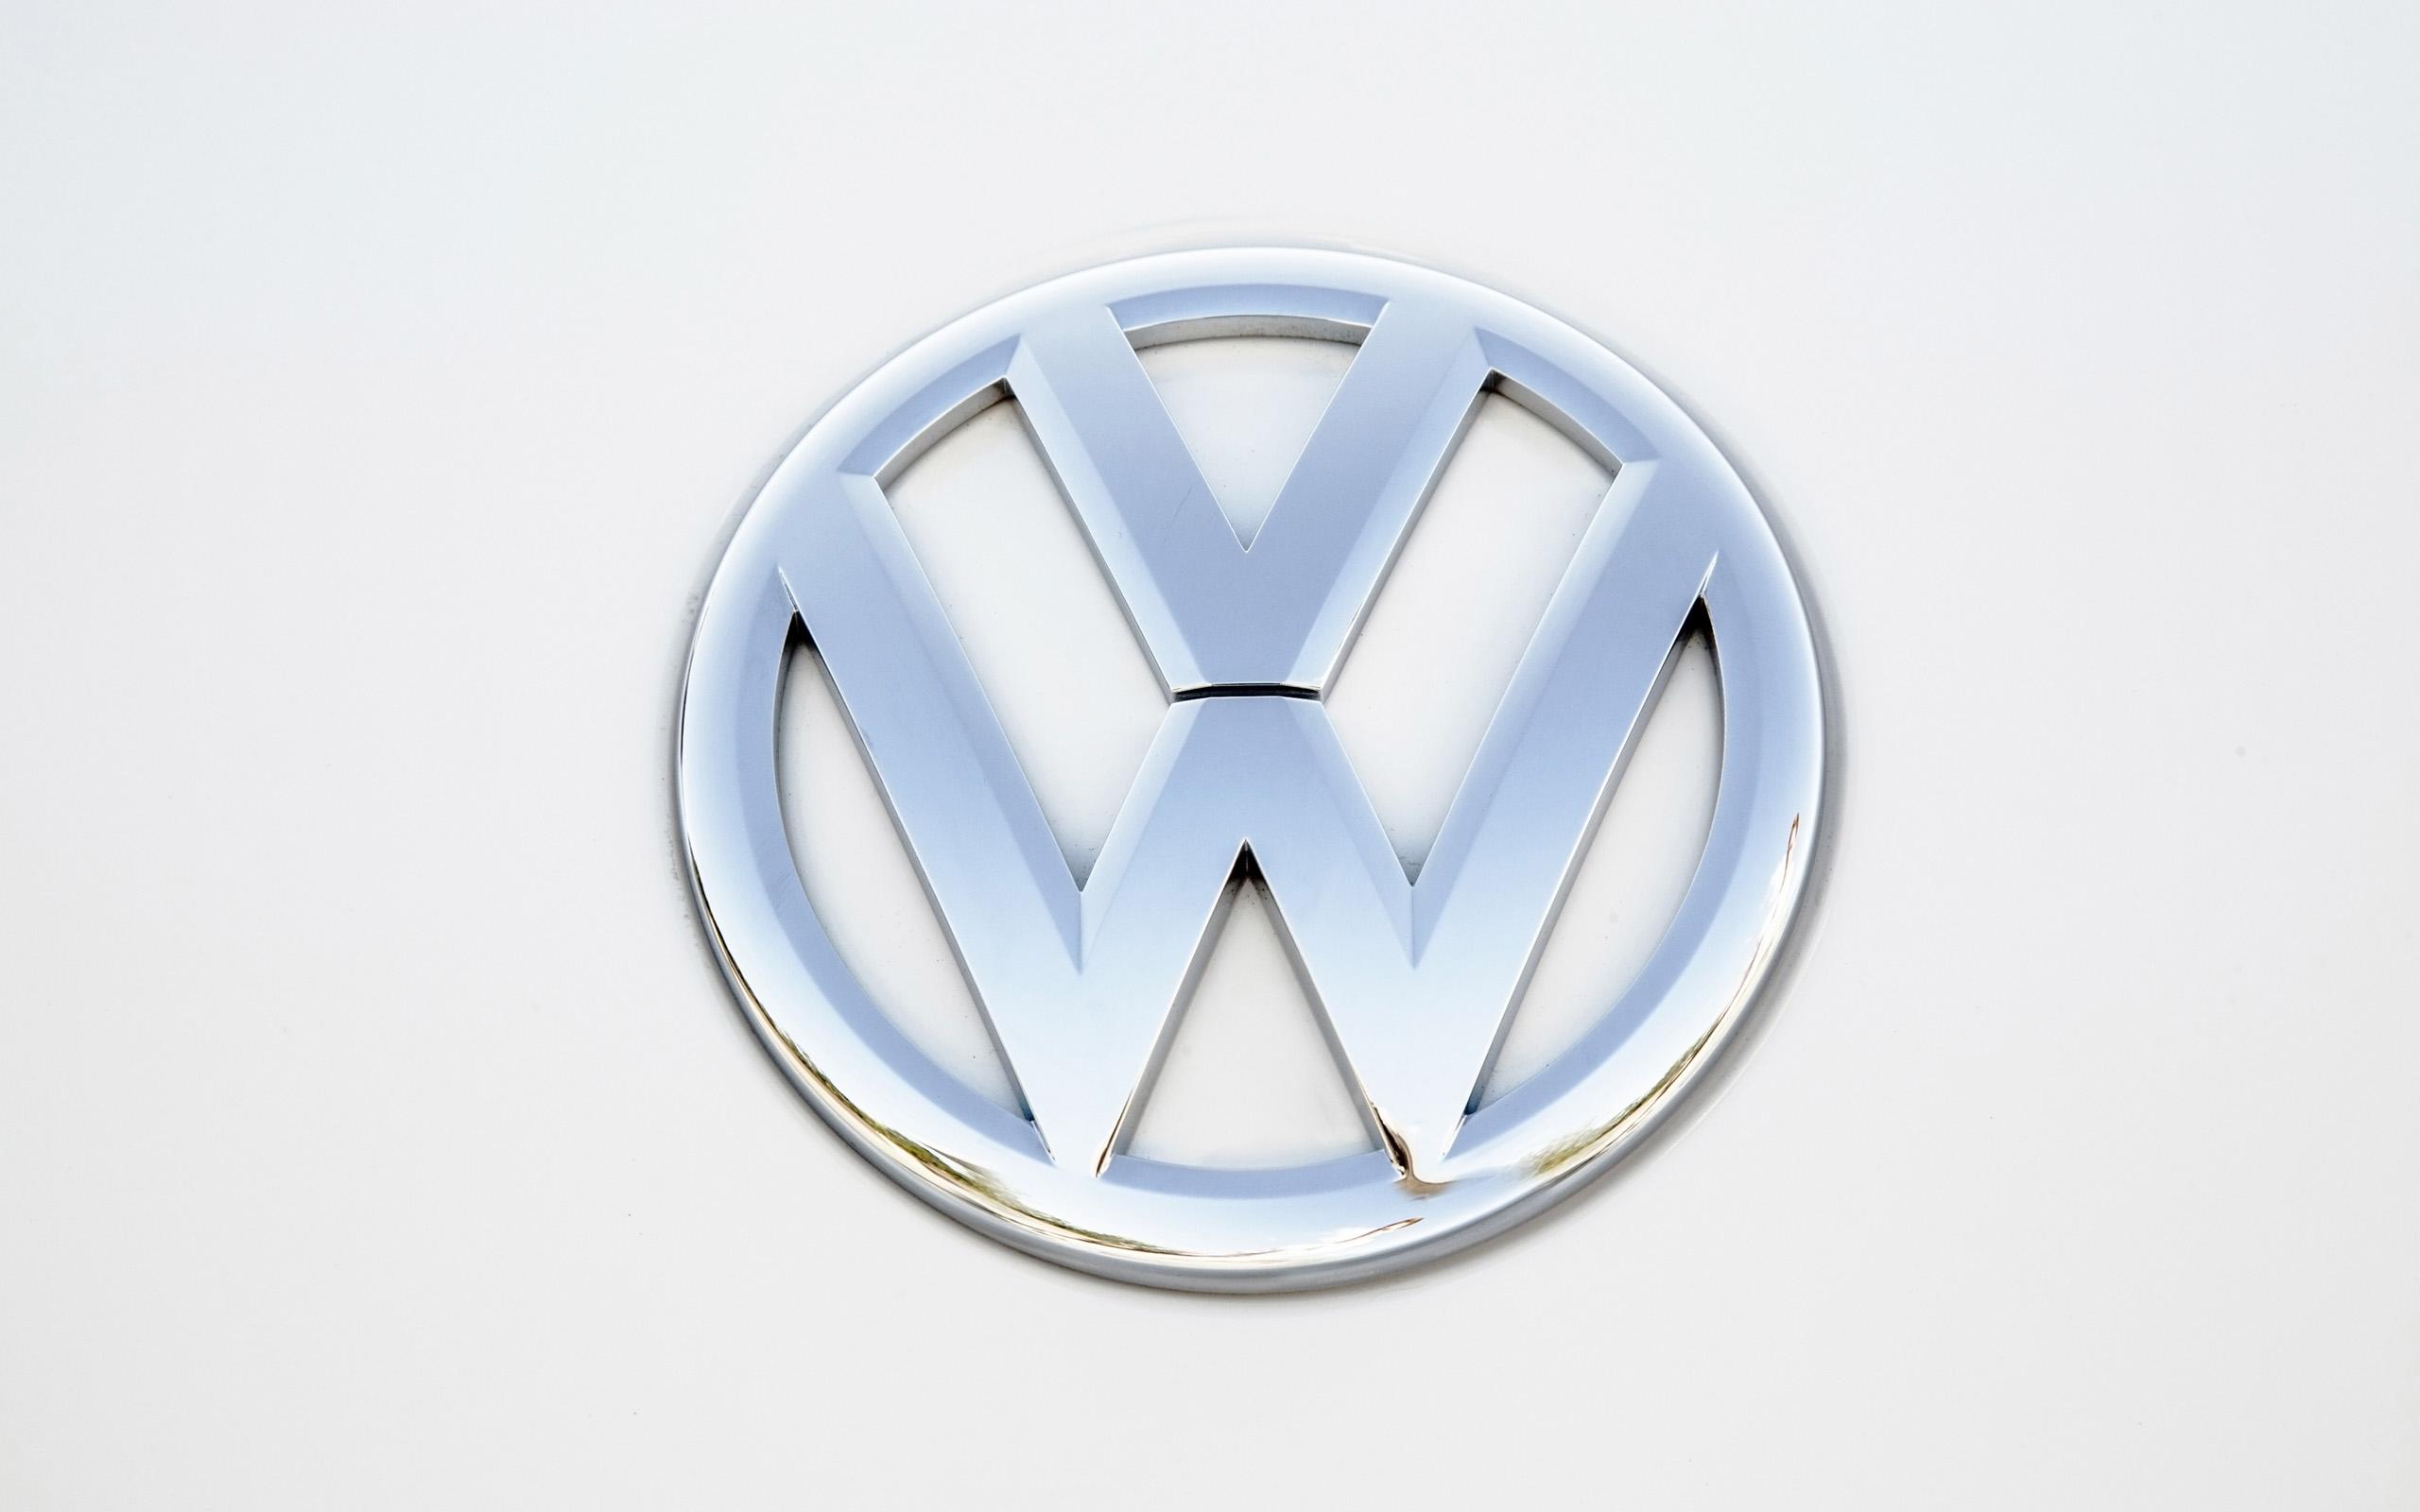 2014 Volkswagen Beetle Convertible Logo Poster Wallpaper